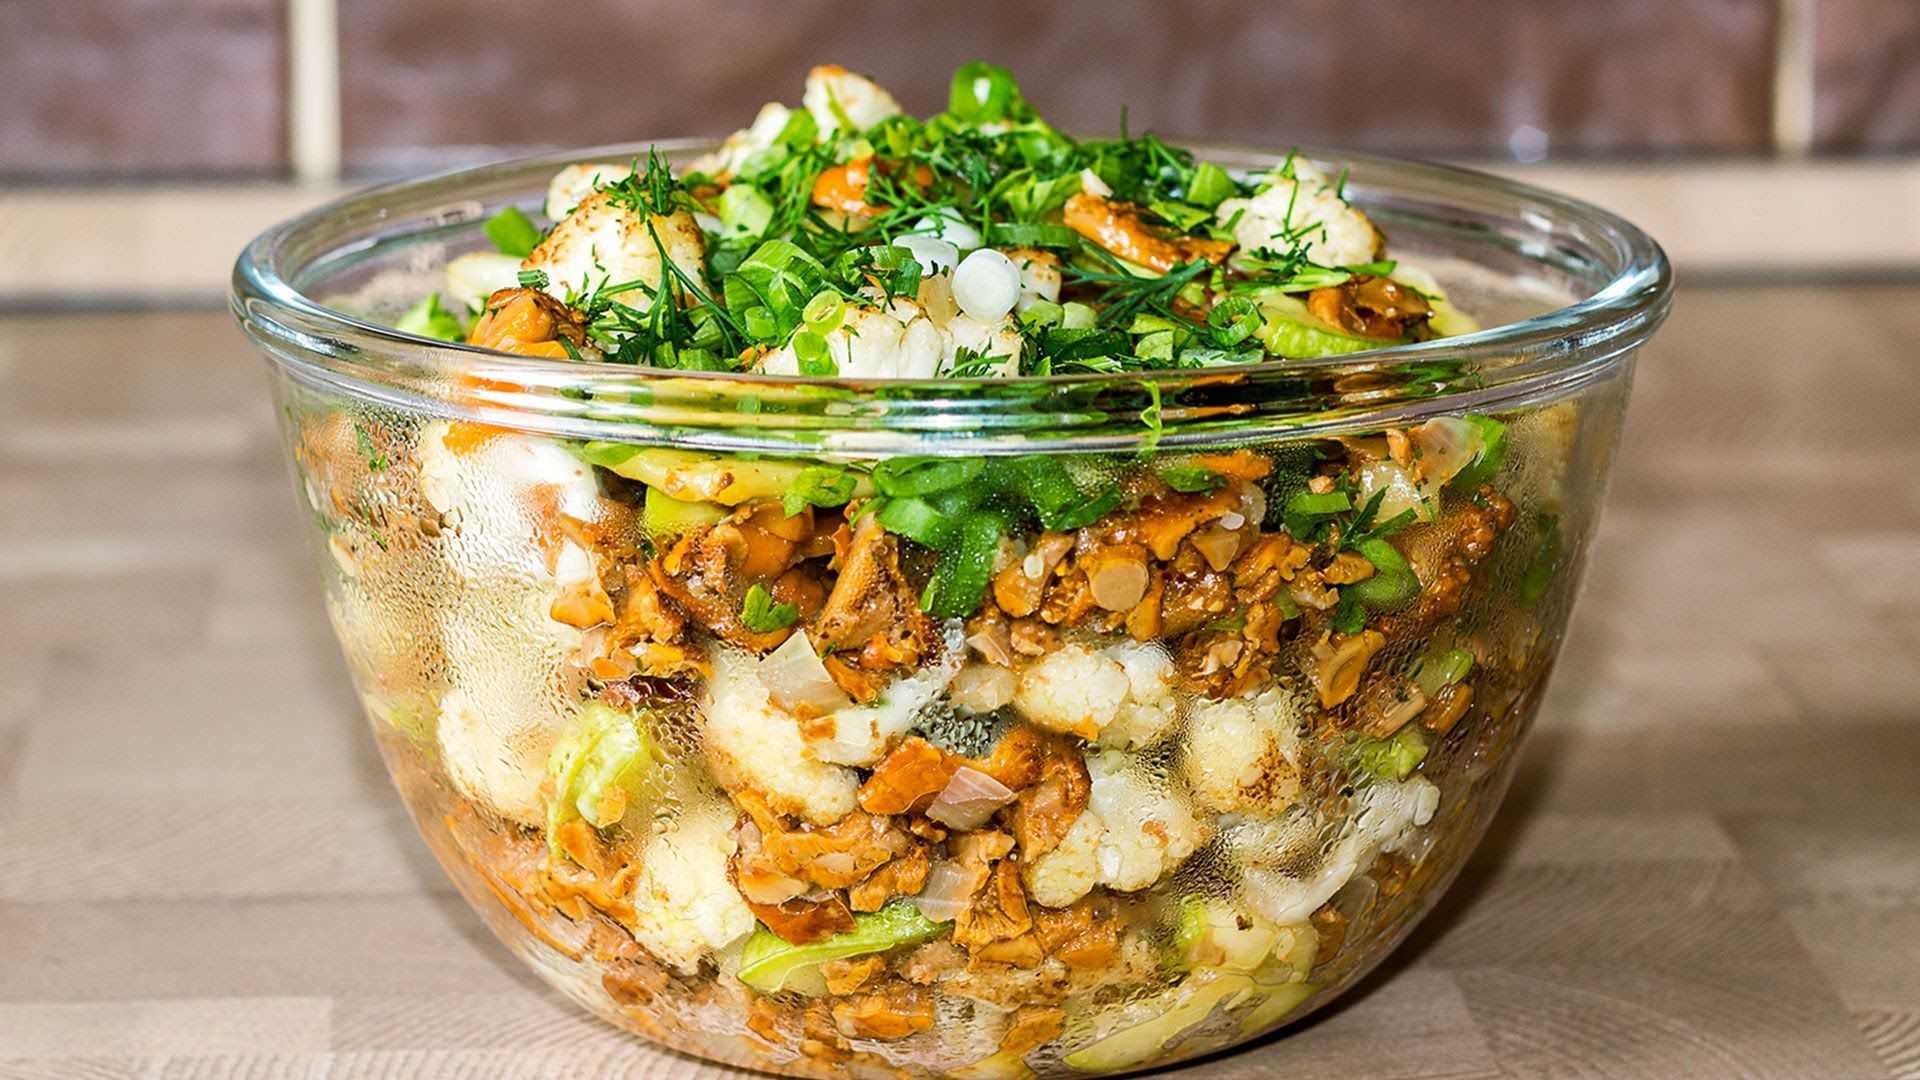 Постные салаты с грибами: фото, рецепты приготовления грибных салатов на поминки и праздники